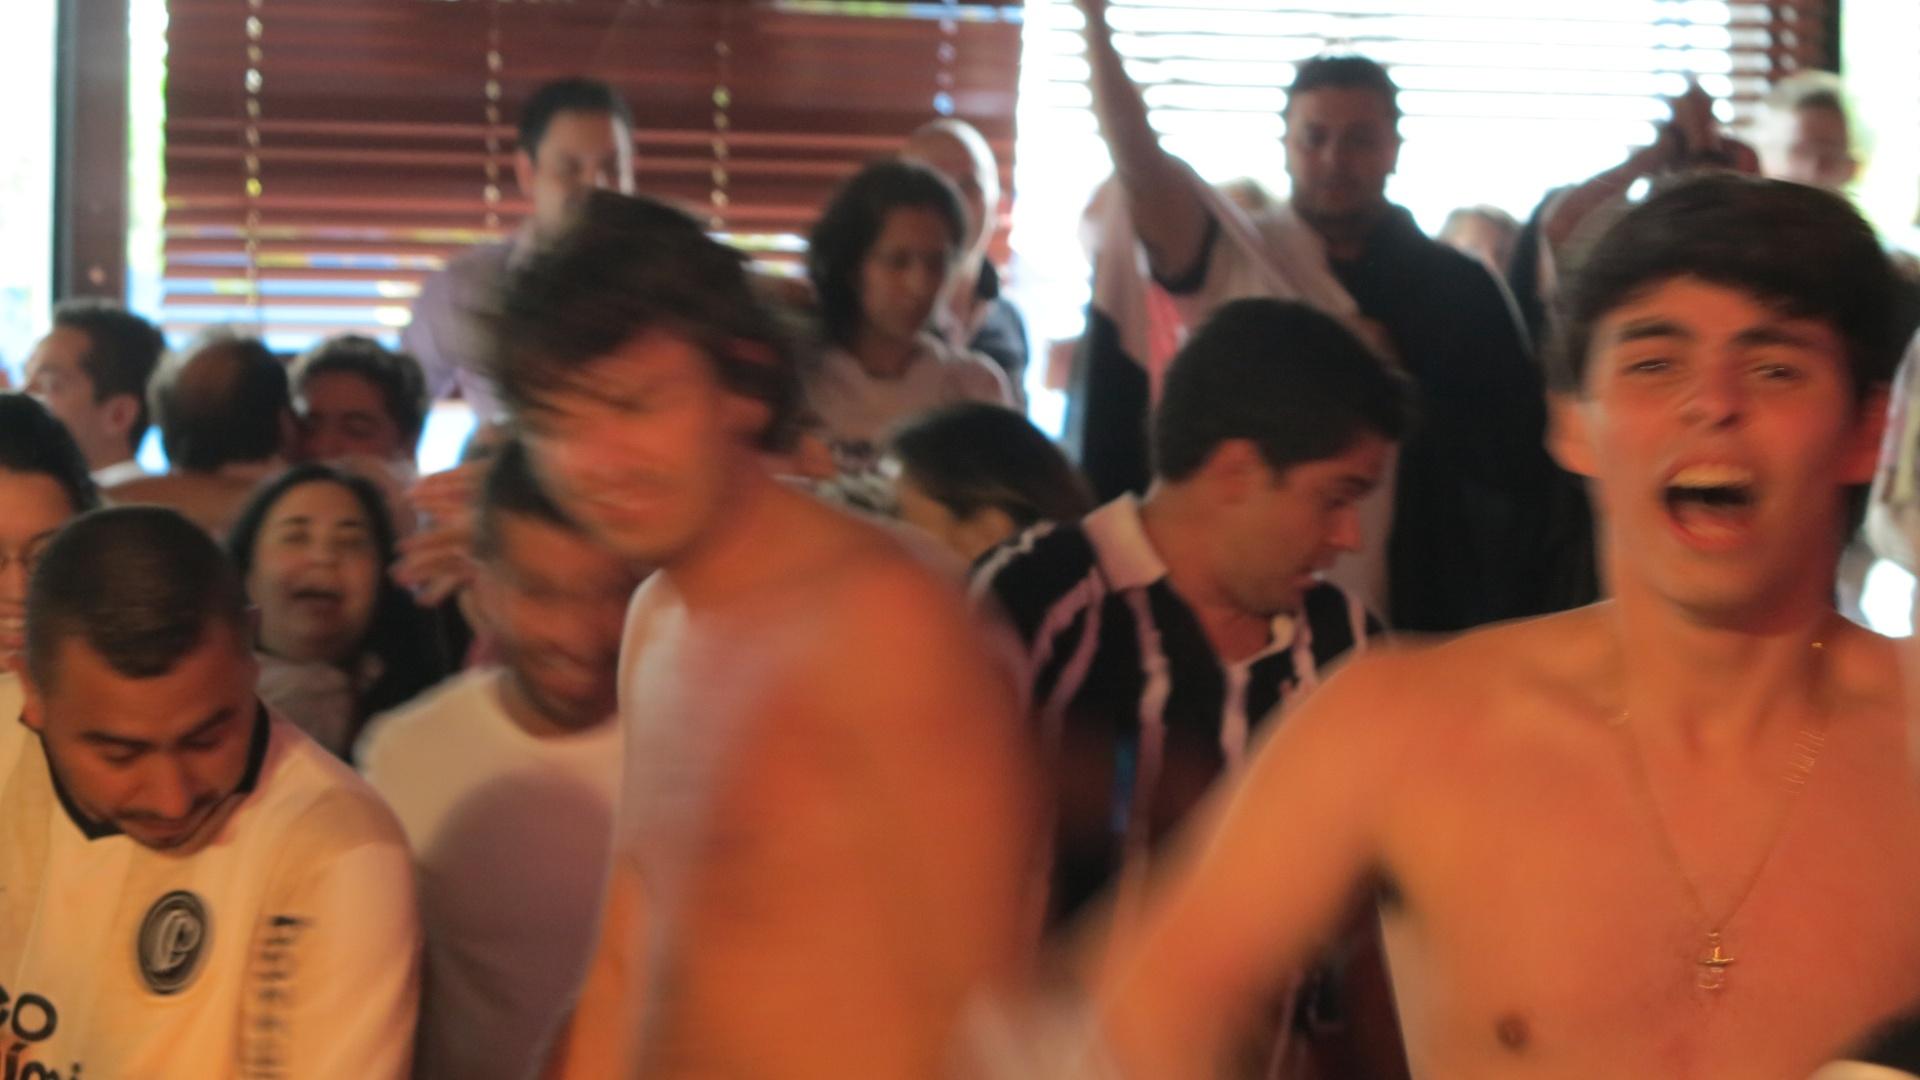 Mesmo com ambiente mais requintado, corintianos vão ao delírioem bar no Itaim após a conquista do Mundial